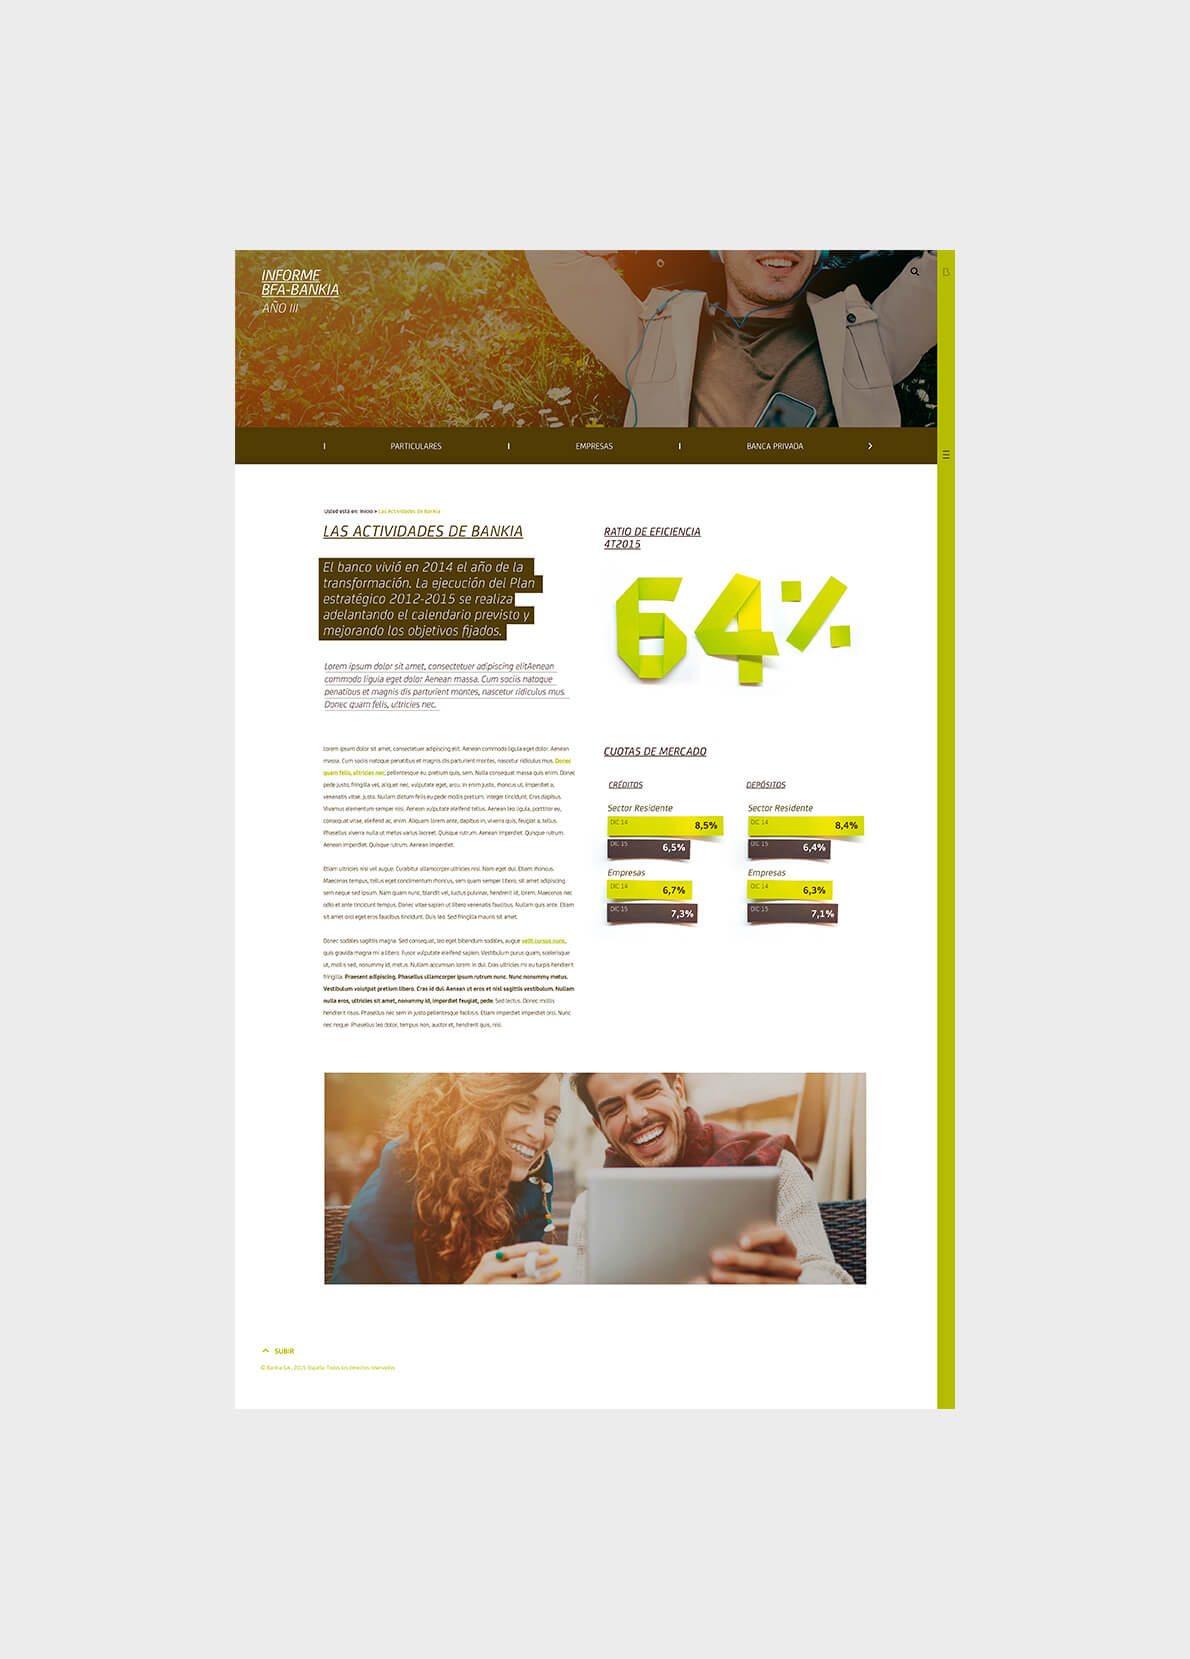 Propuesta de website responsive que tiene como objetivo trasladar el informe económico anual de Bankia del formato en papel al formato digital